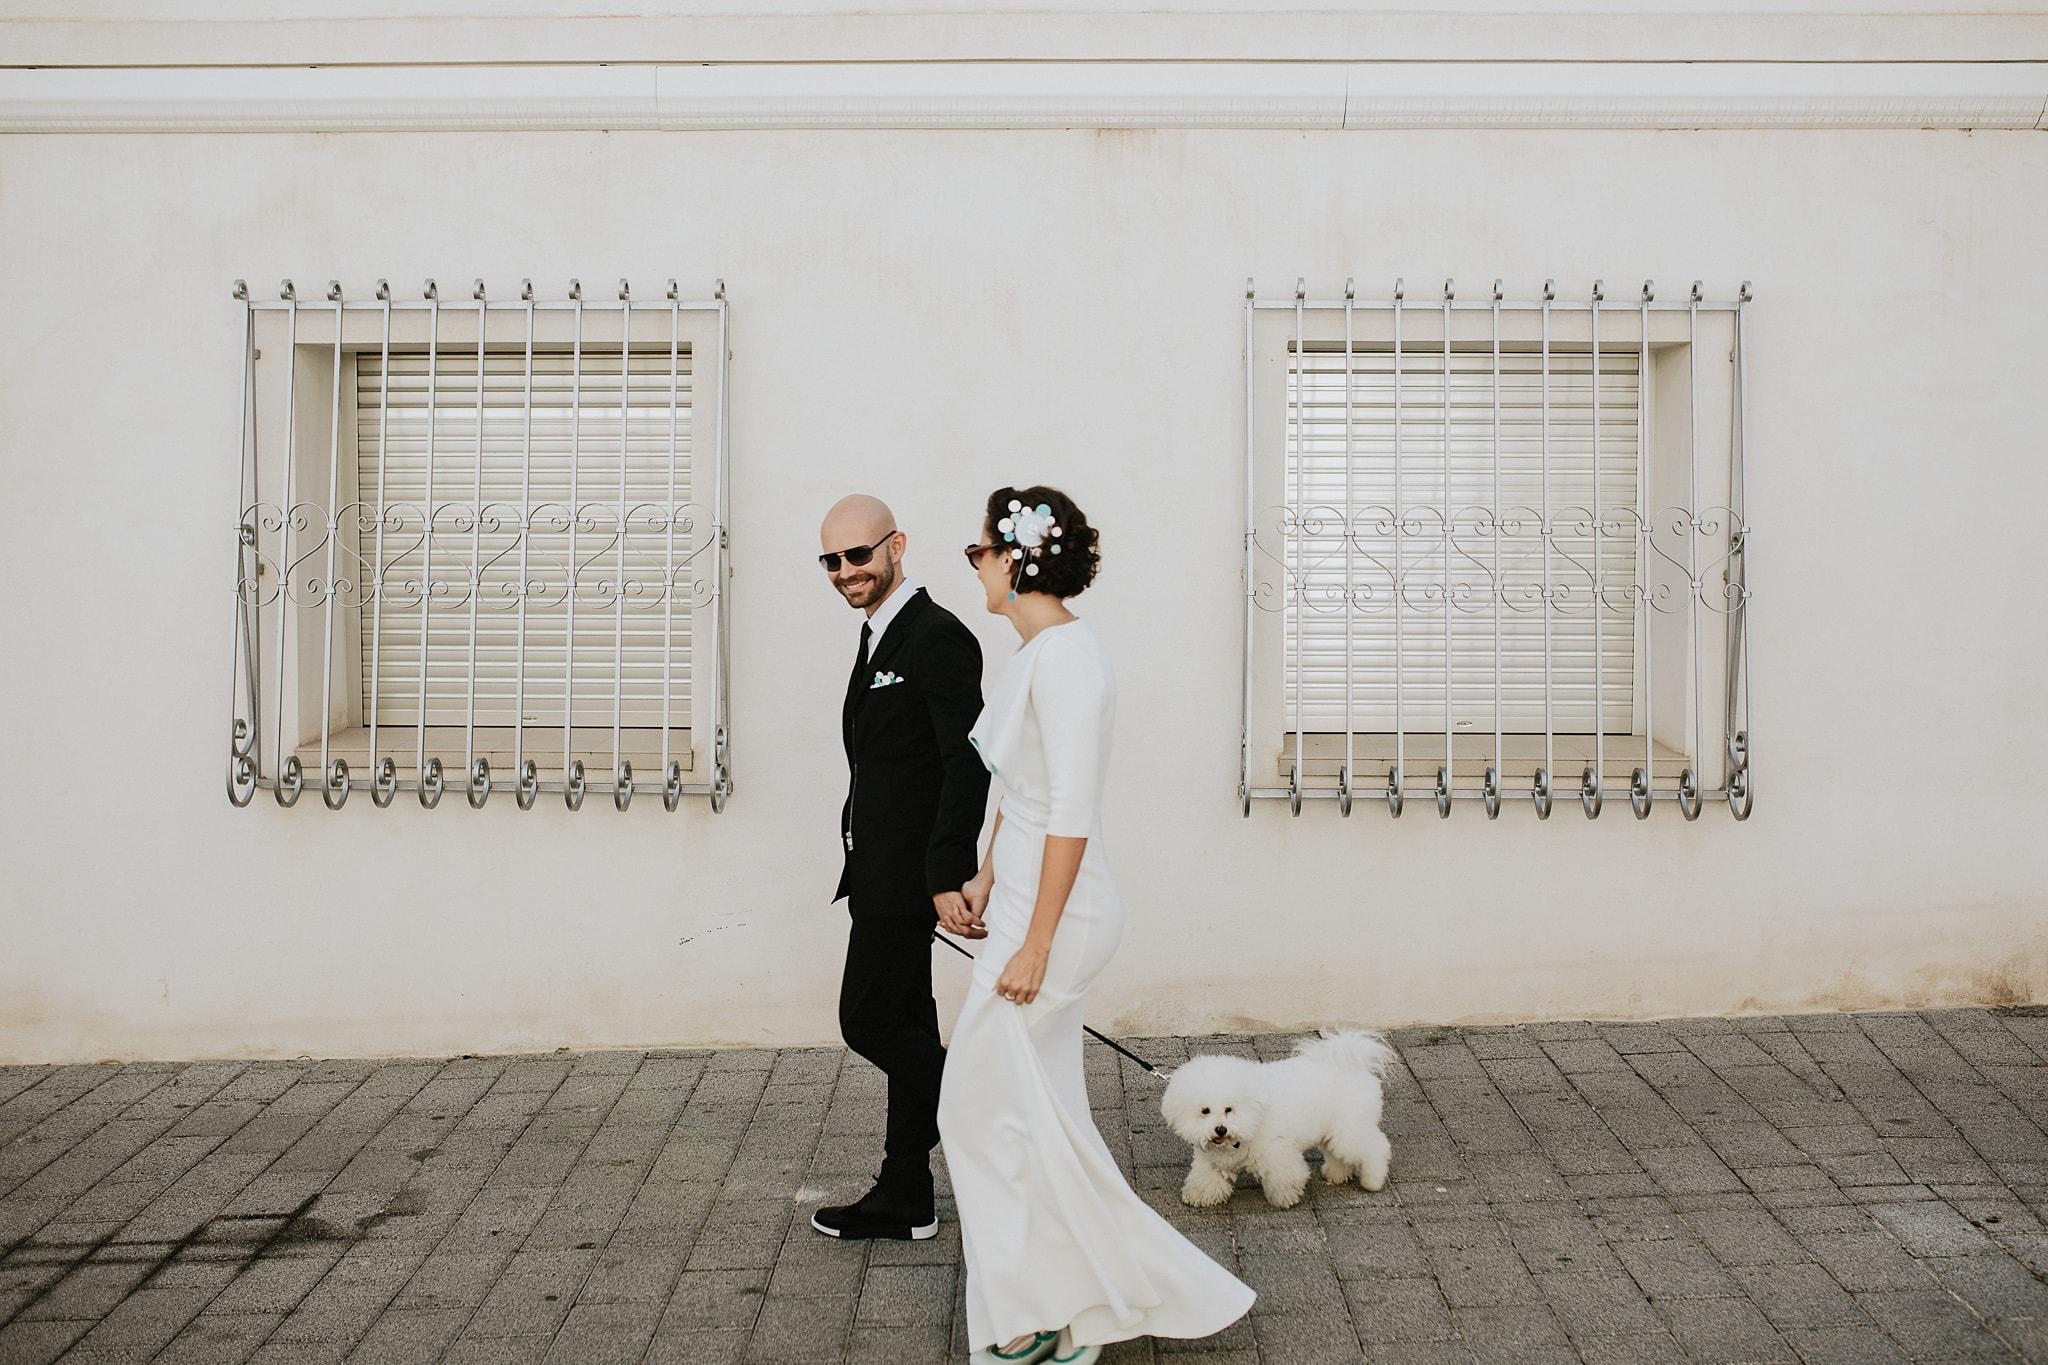 prisma-blanco-fotografia-bodas-altea-70